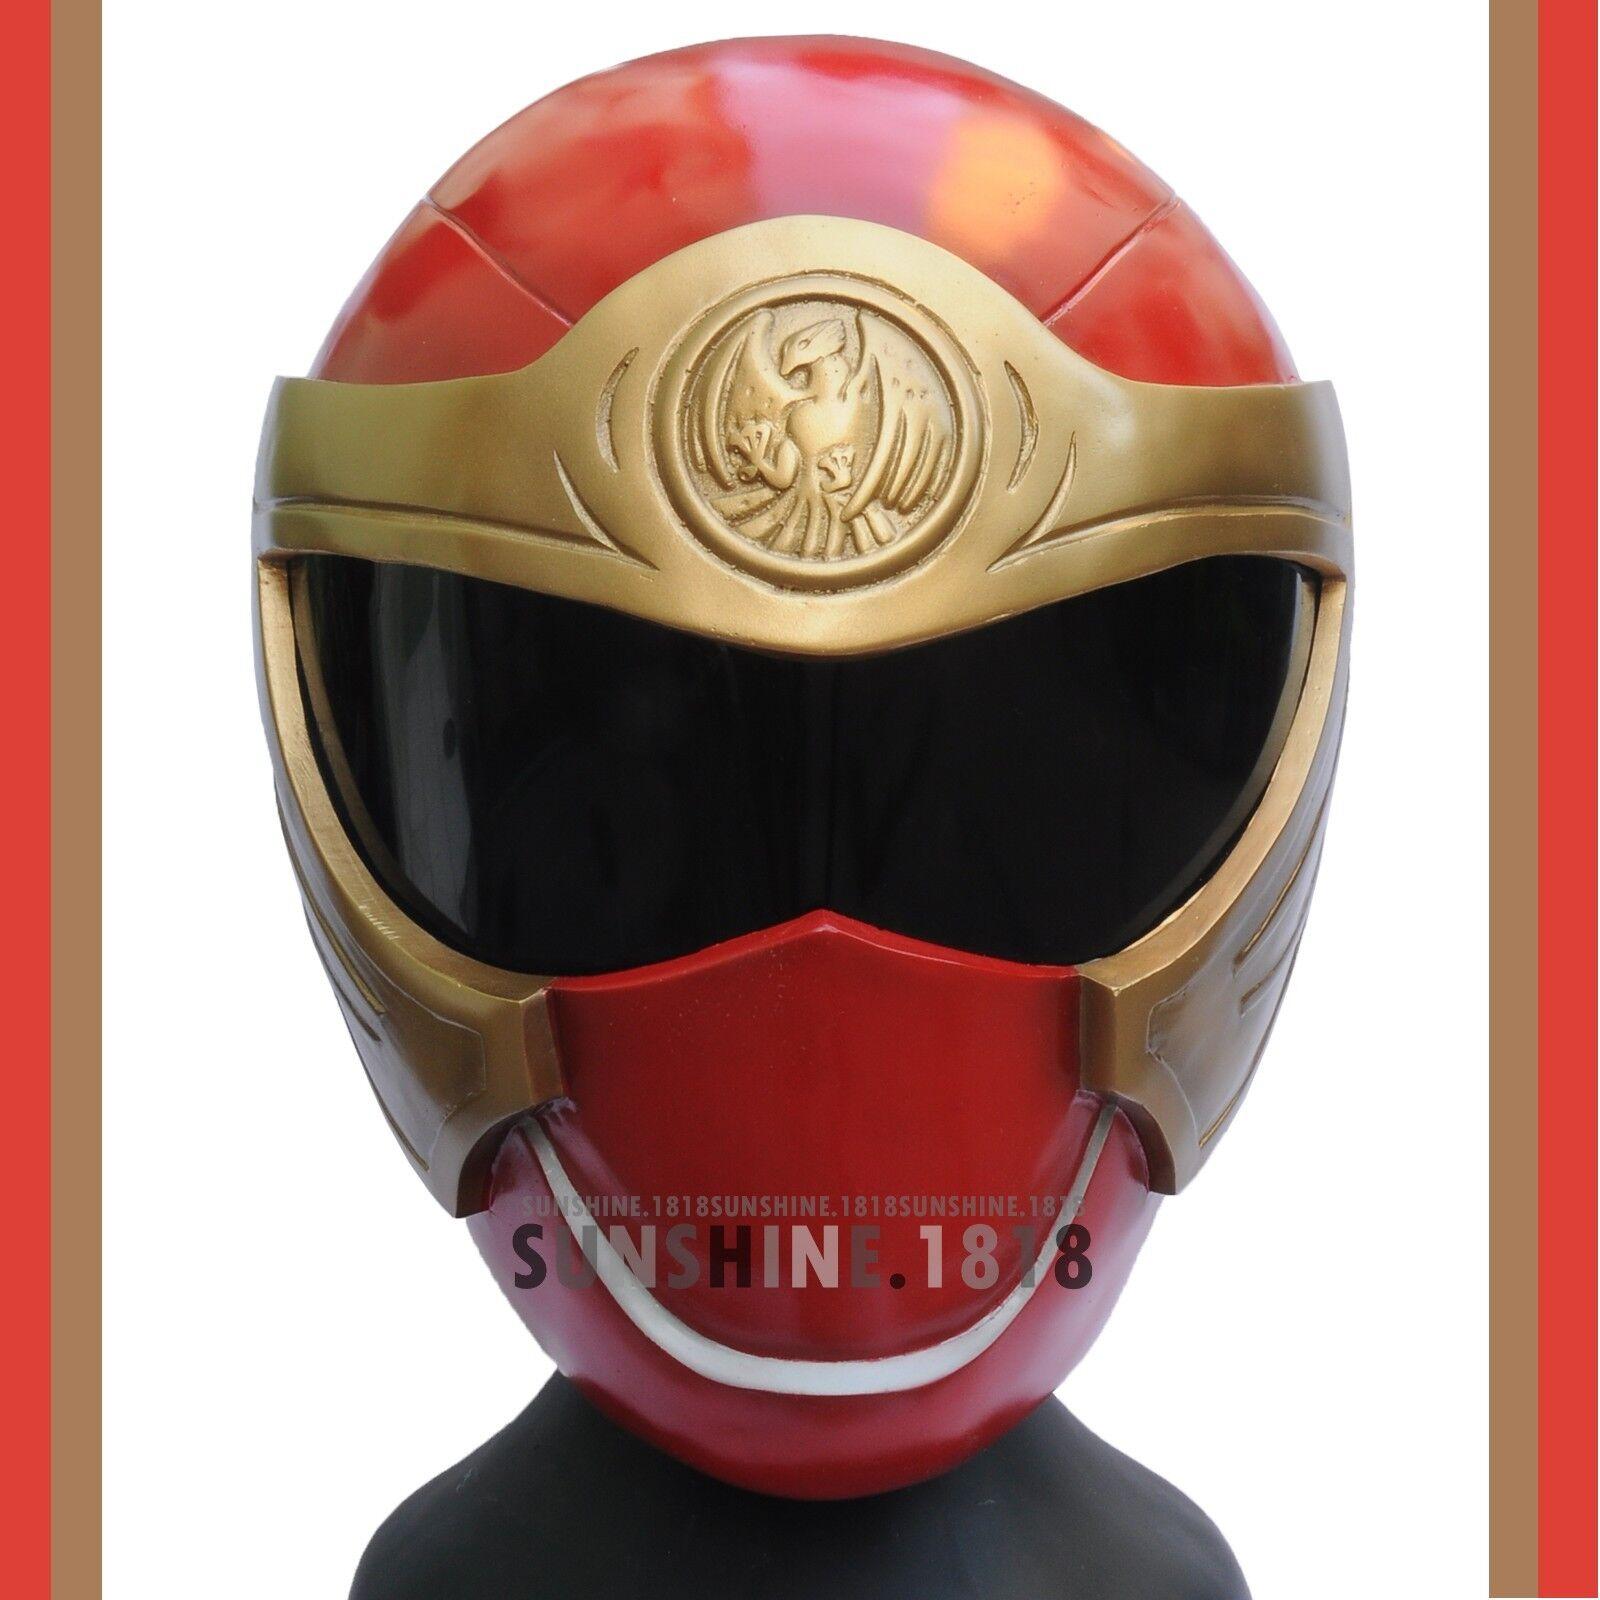 Pictures of Power Rangers Ninja Storm Red Ranger Helmet - #rock-cafe